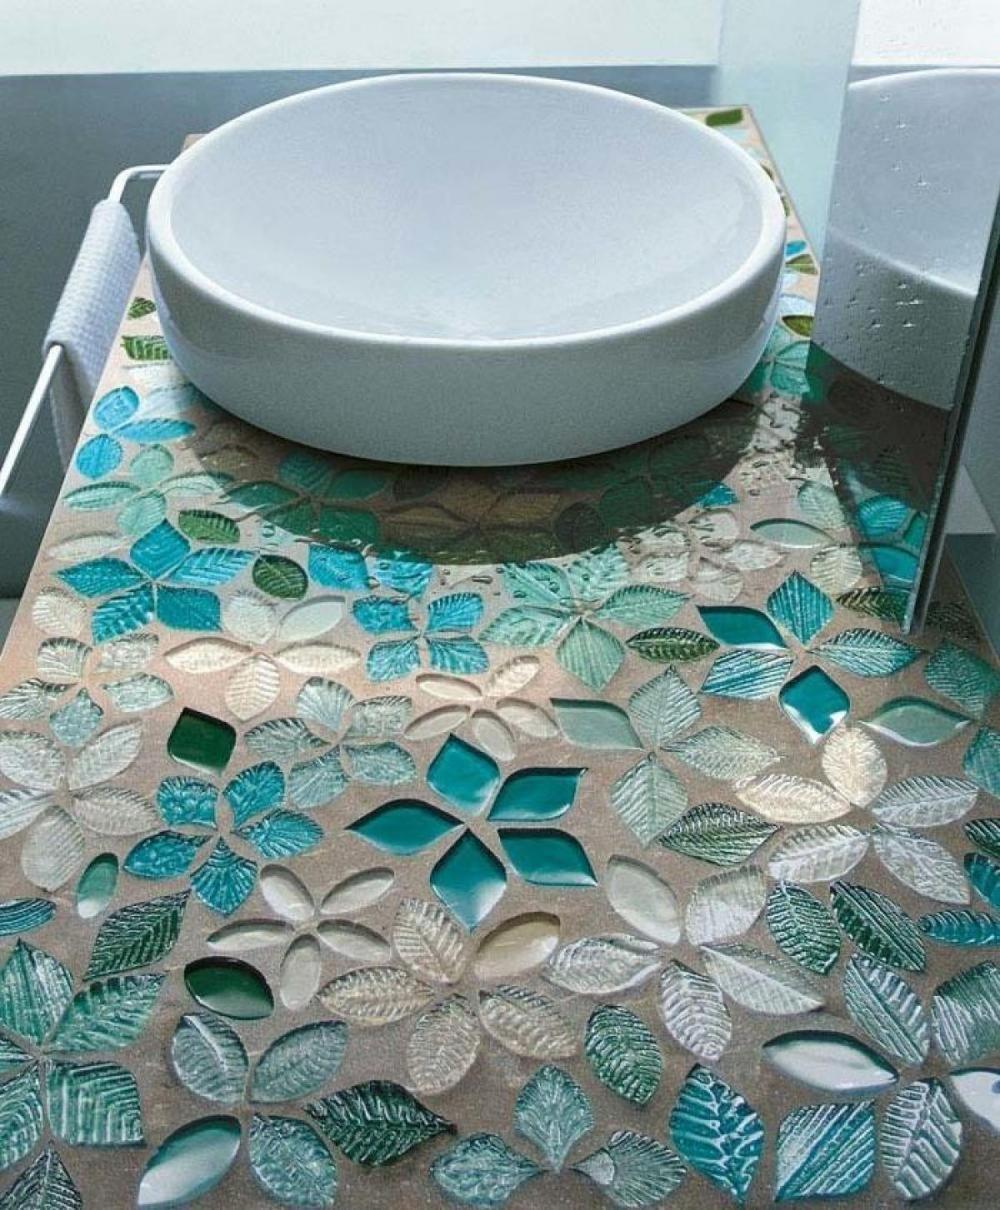 Acttractive Und Innovative Mosaik Designs #Badezimmer #Büromöbel  #Couchtisch #Deko Ideen #Gartenmöbel